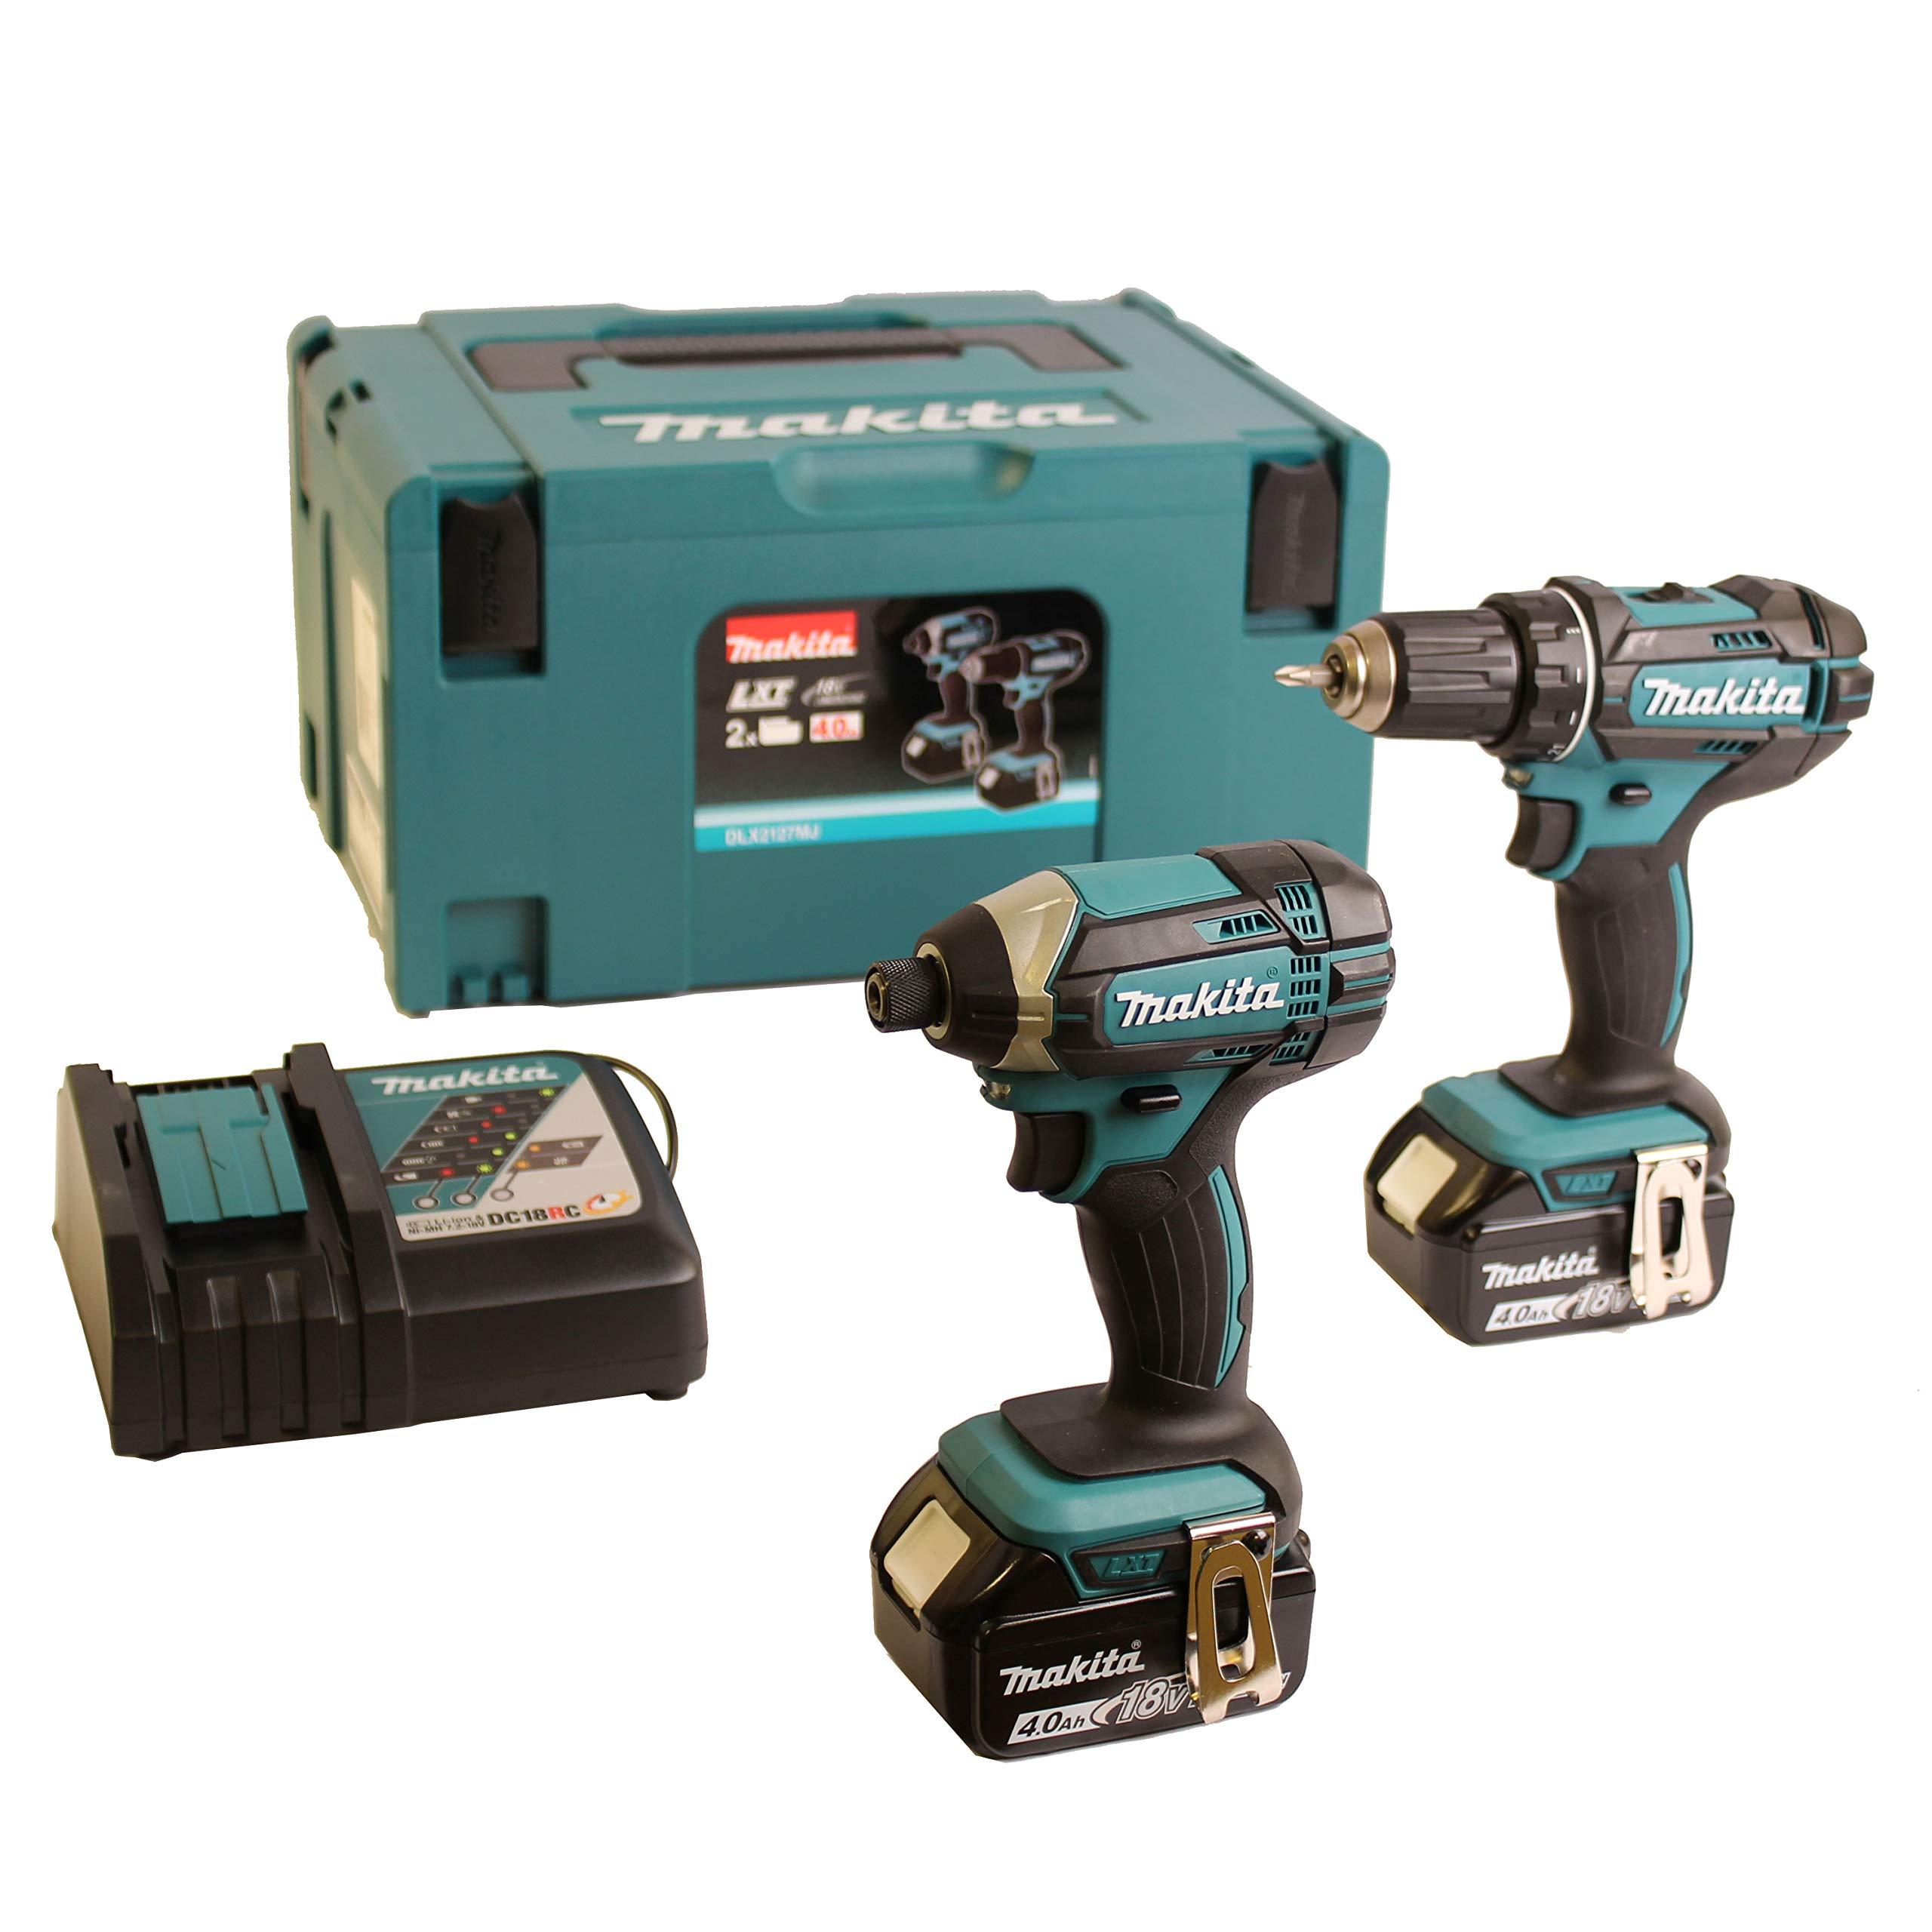 Pack de 2 máquinas taladro atornillador + destornillador de ...